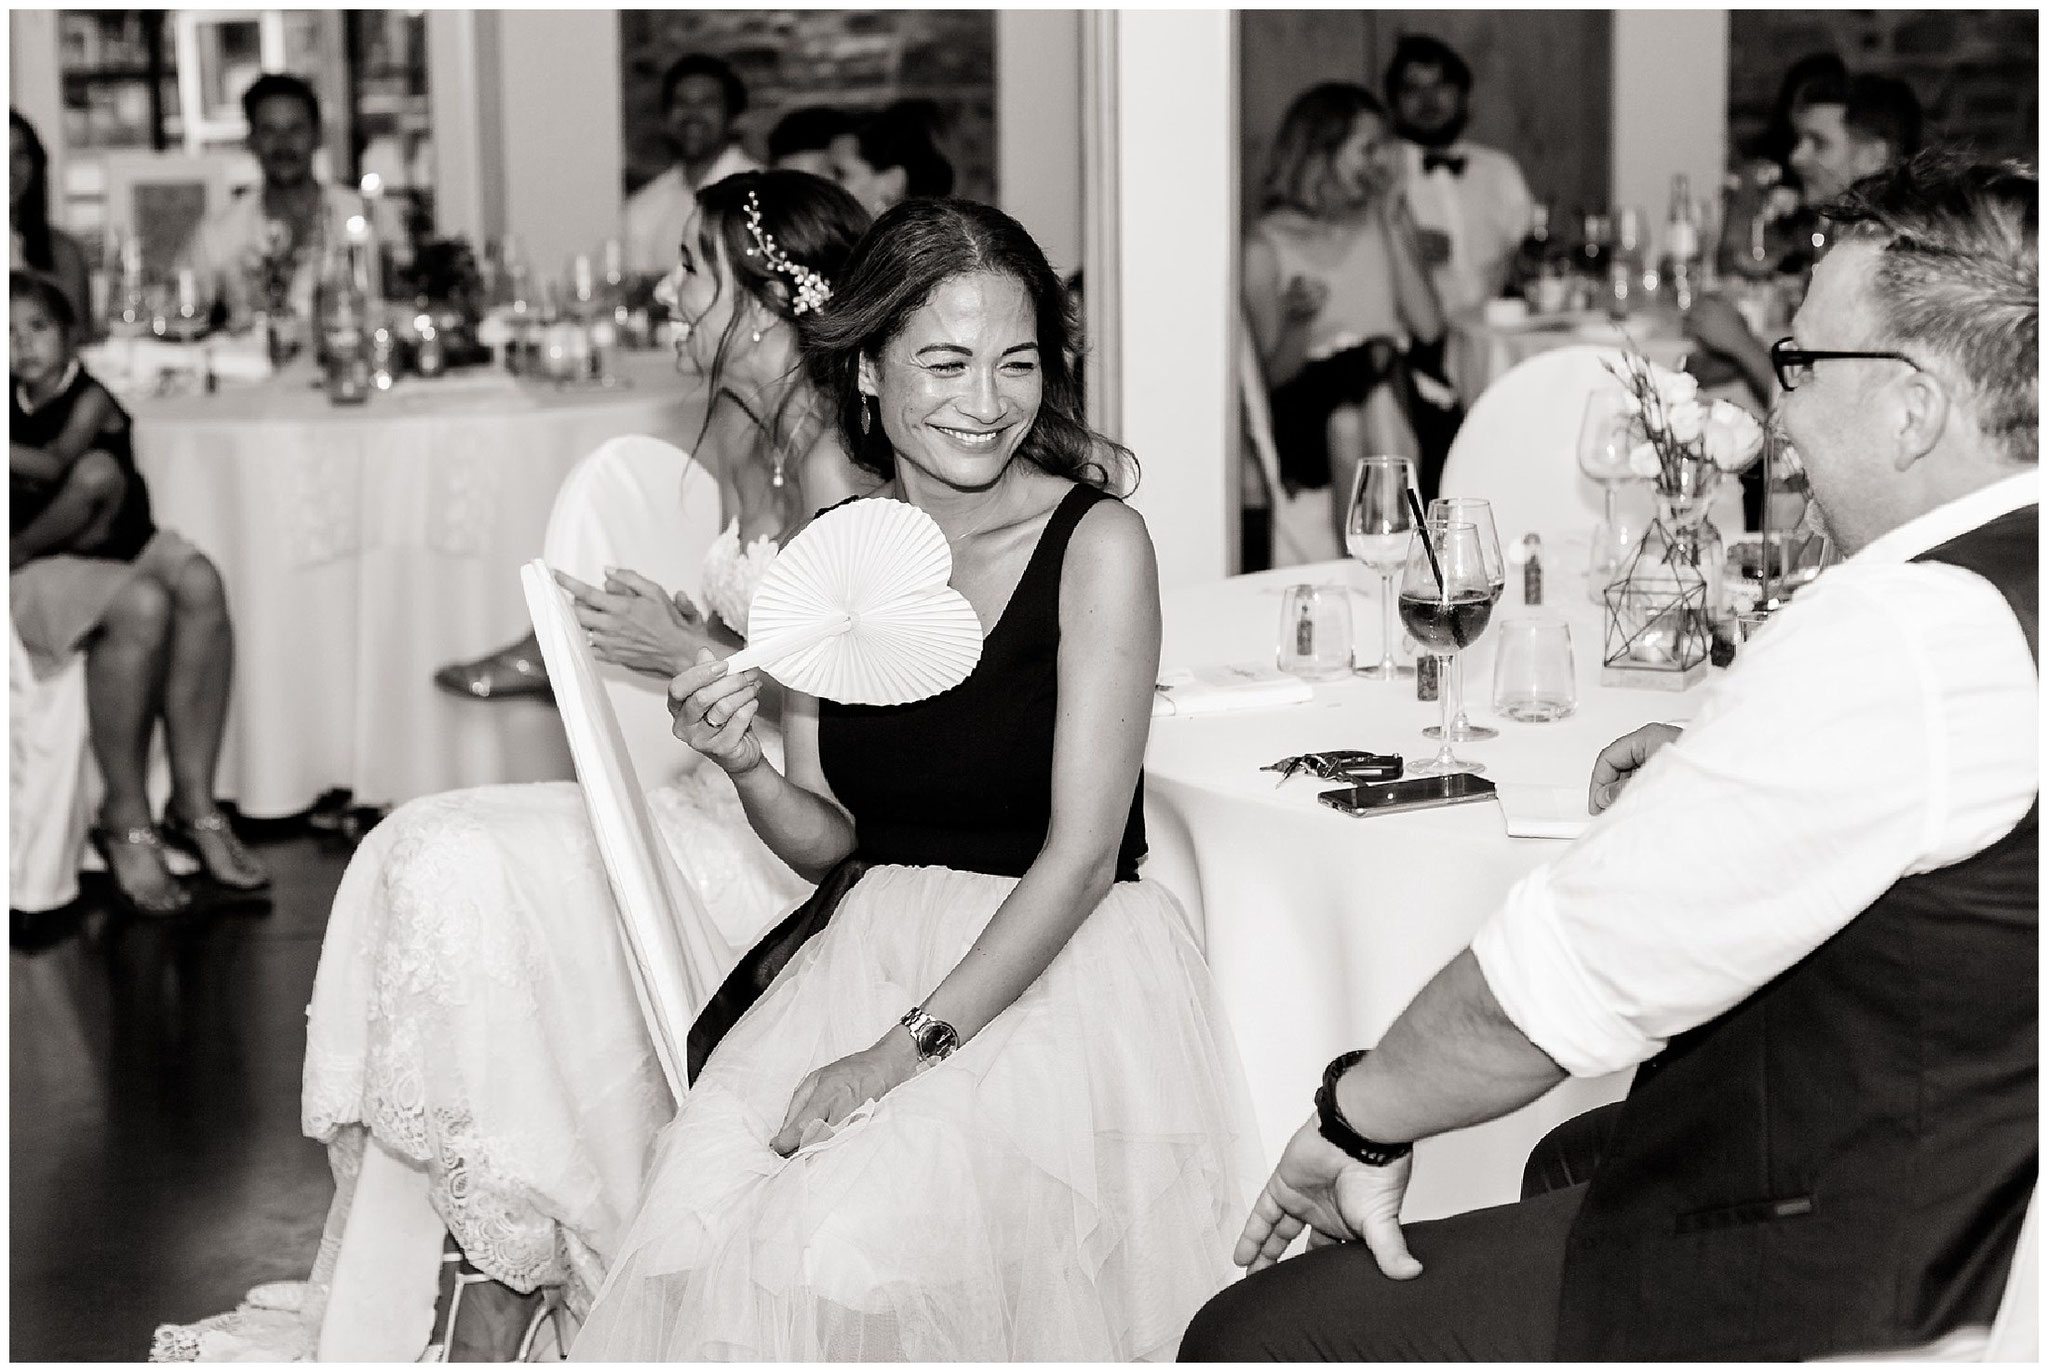 gäste bei der hochzeit am Abend hochzeitsfotograf Engelskirchen industrial chic hochzeit fine art wedding Galerie Hammerwerk jane weber